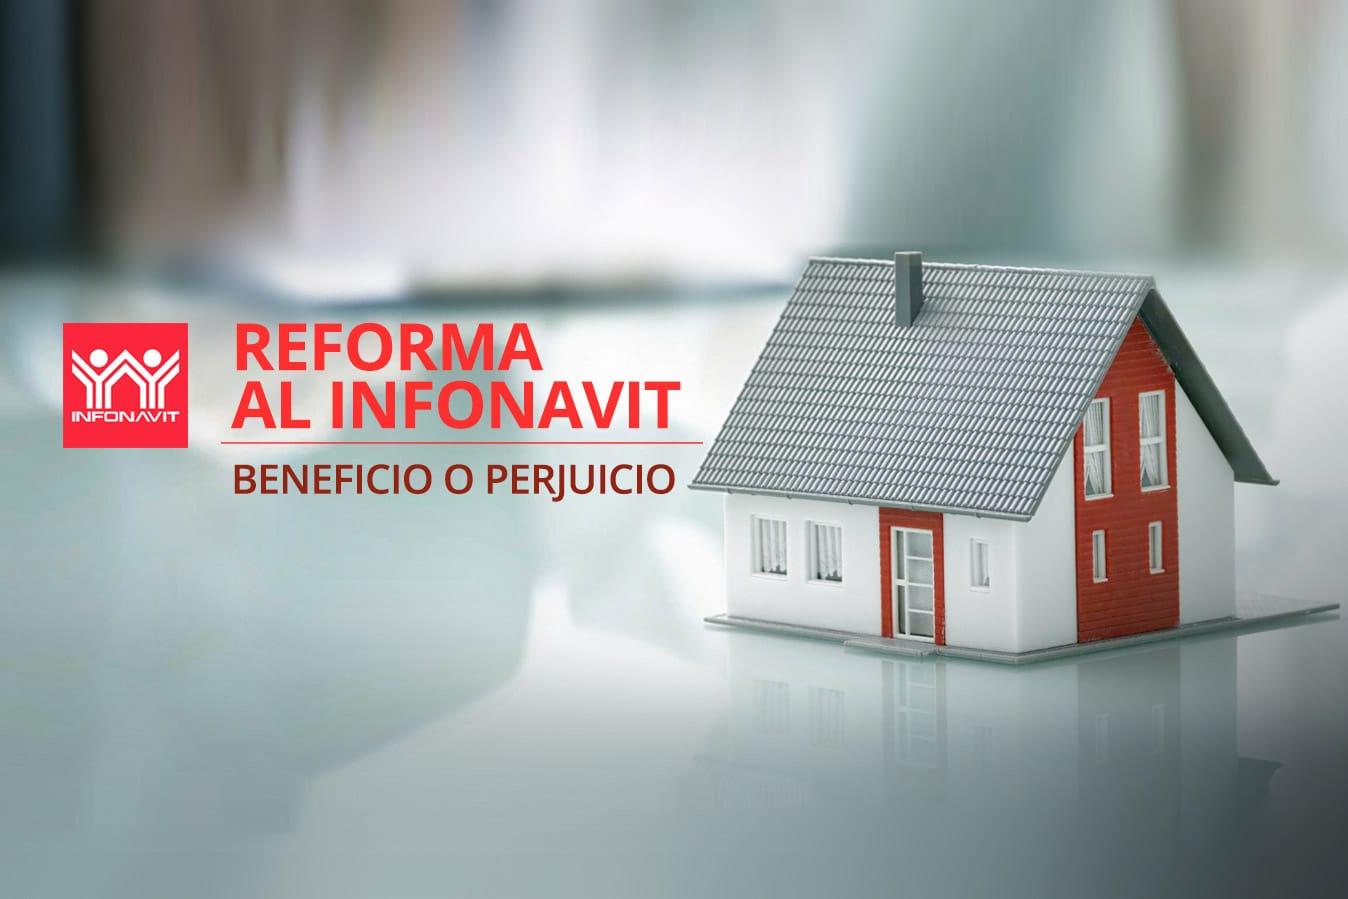 El 26 de abril de este año, Enrique Peña Nieto Promulgo una Reforma a la ley del INFONAVIT, la cual beneficiaria al sector trabajador, señaló el mandatario